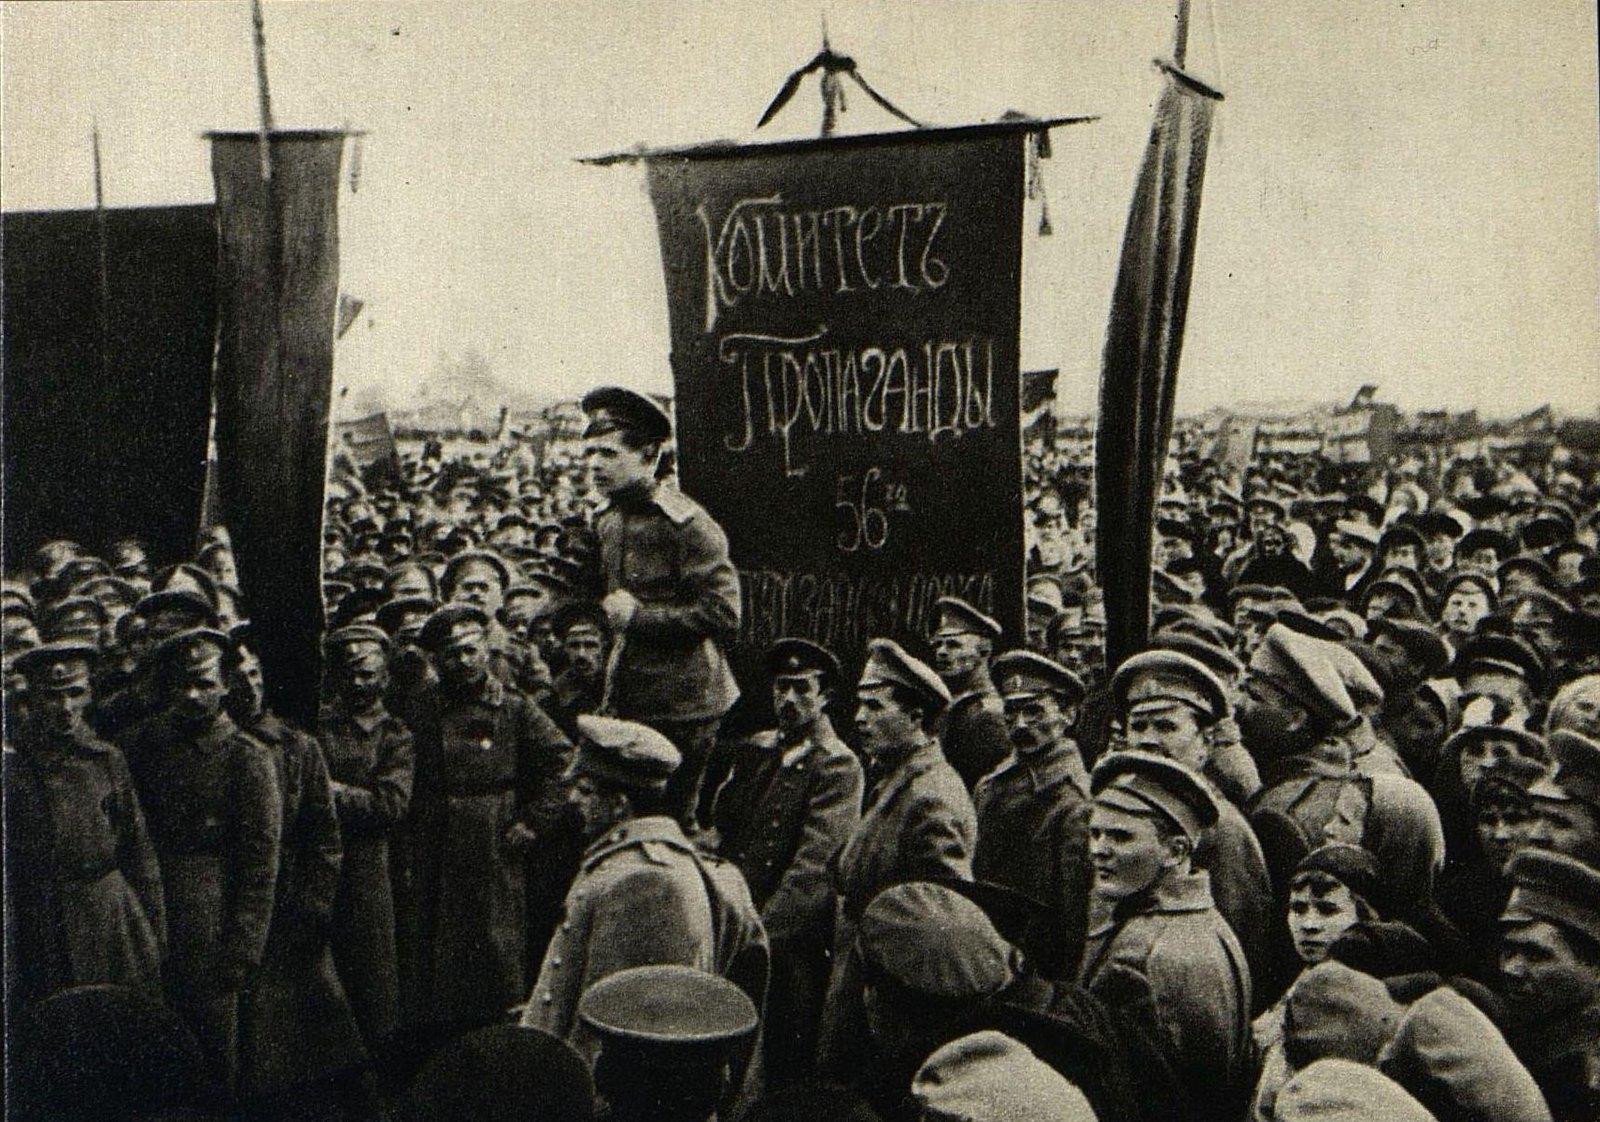 1 мая. Празднование 1 Мая в Москве. Митинг рабочих Бутырского района и солдат 56-го запасного пехотного полка на Ходынском поле.